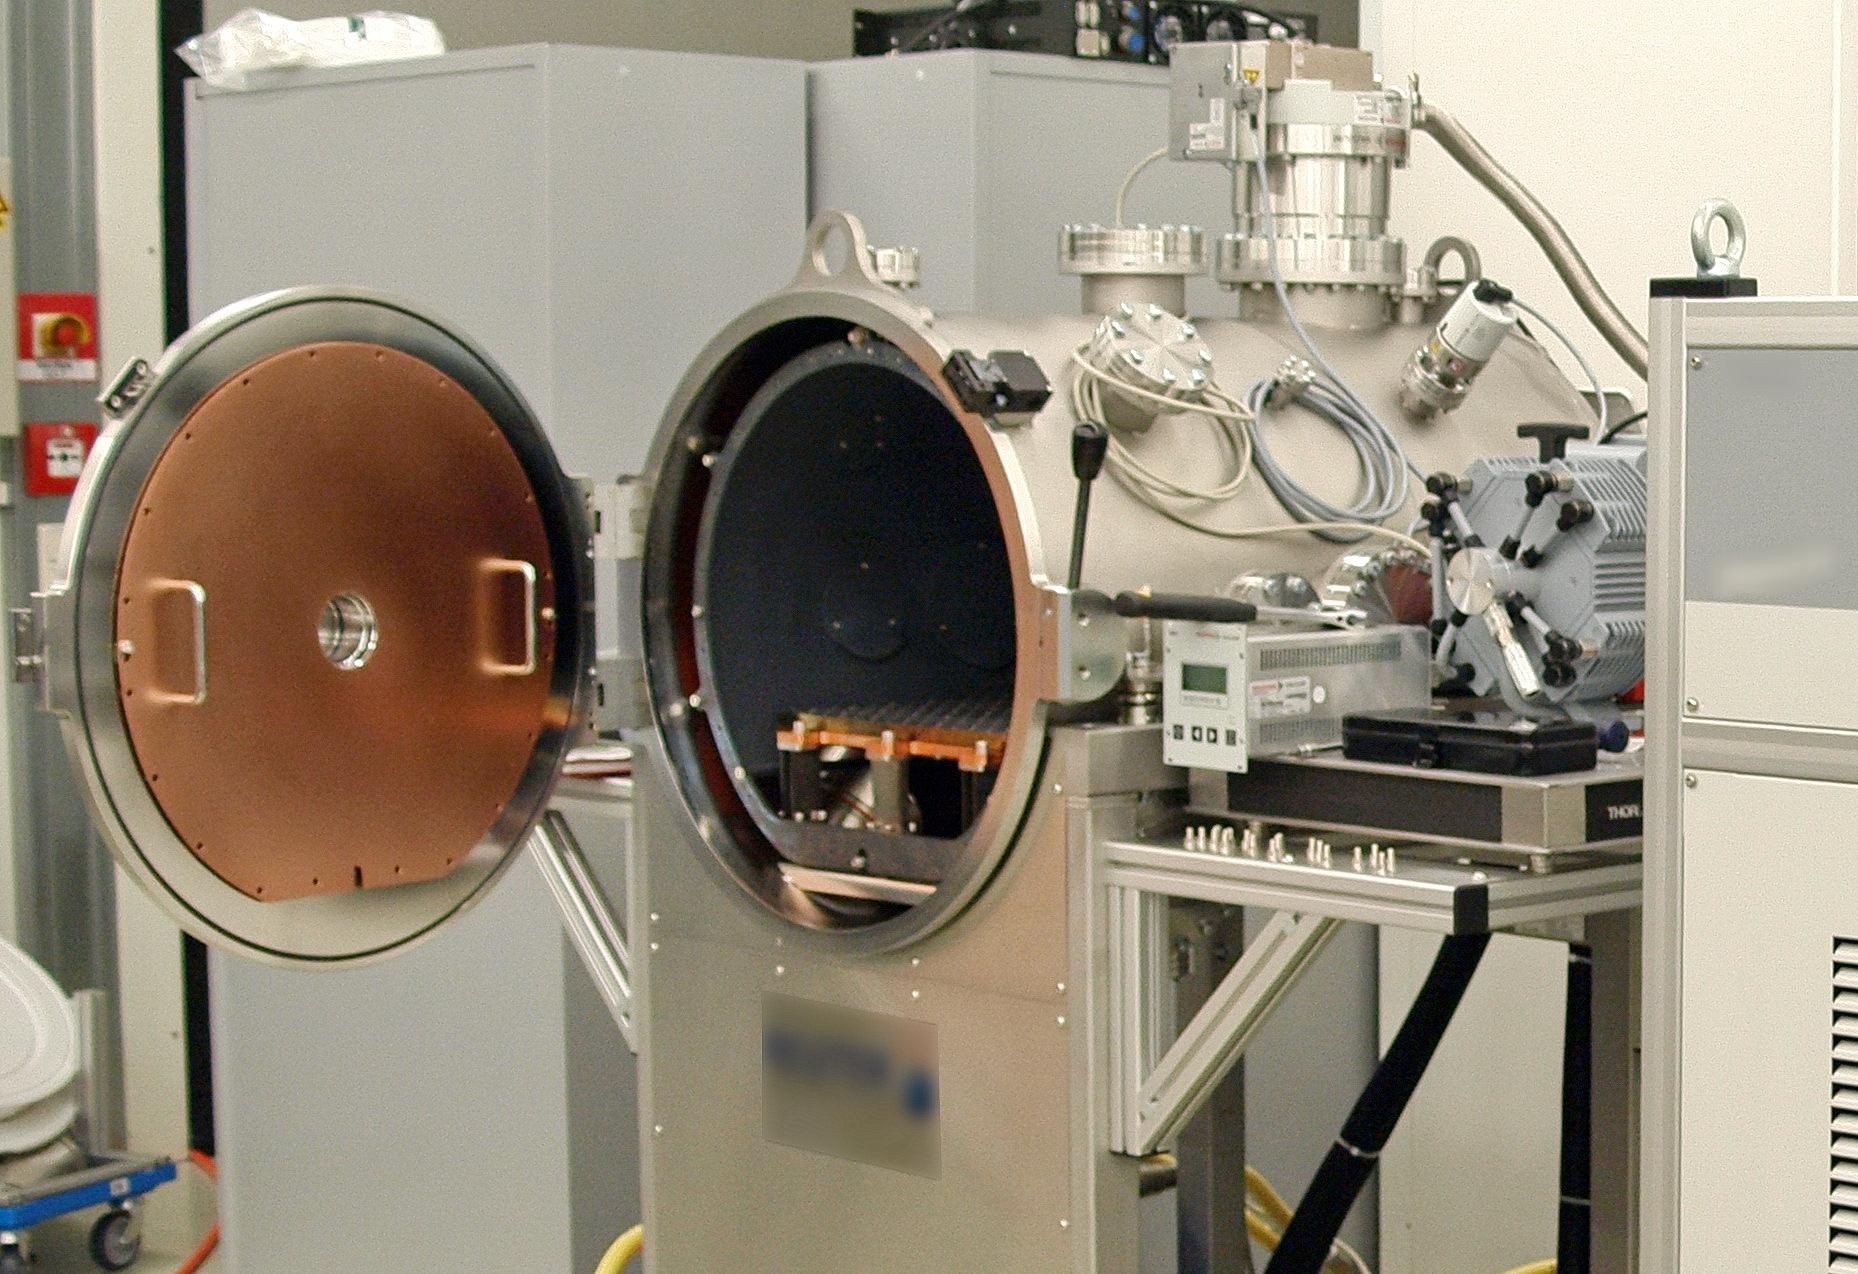 Thermal-Vakuum-Kammer